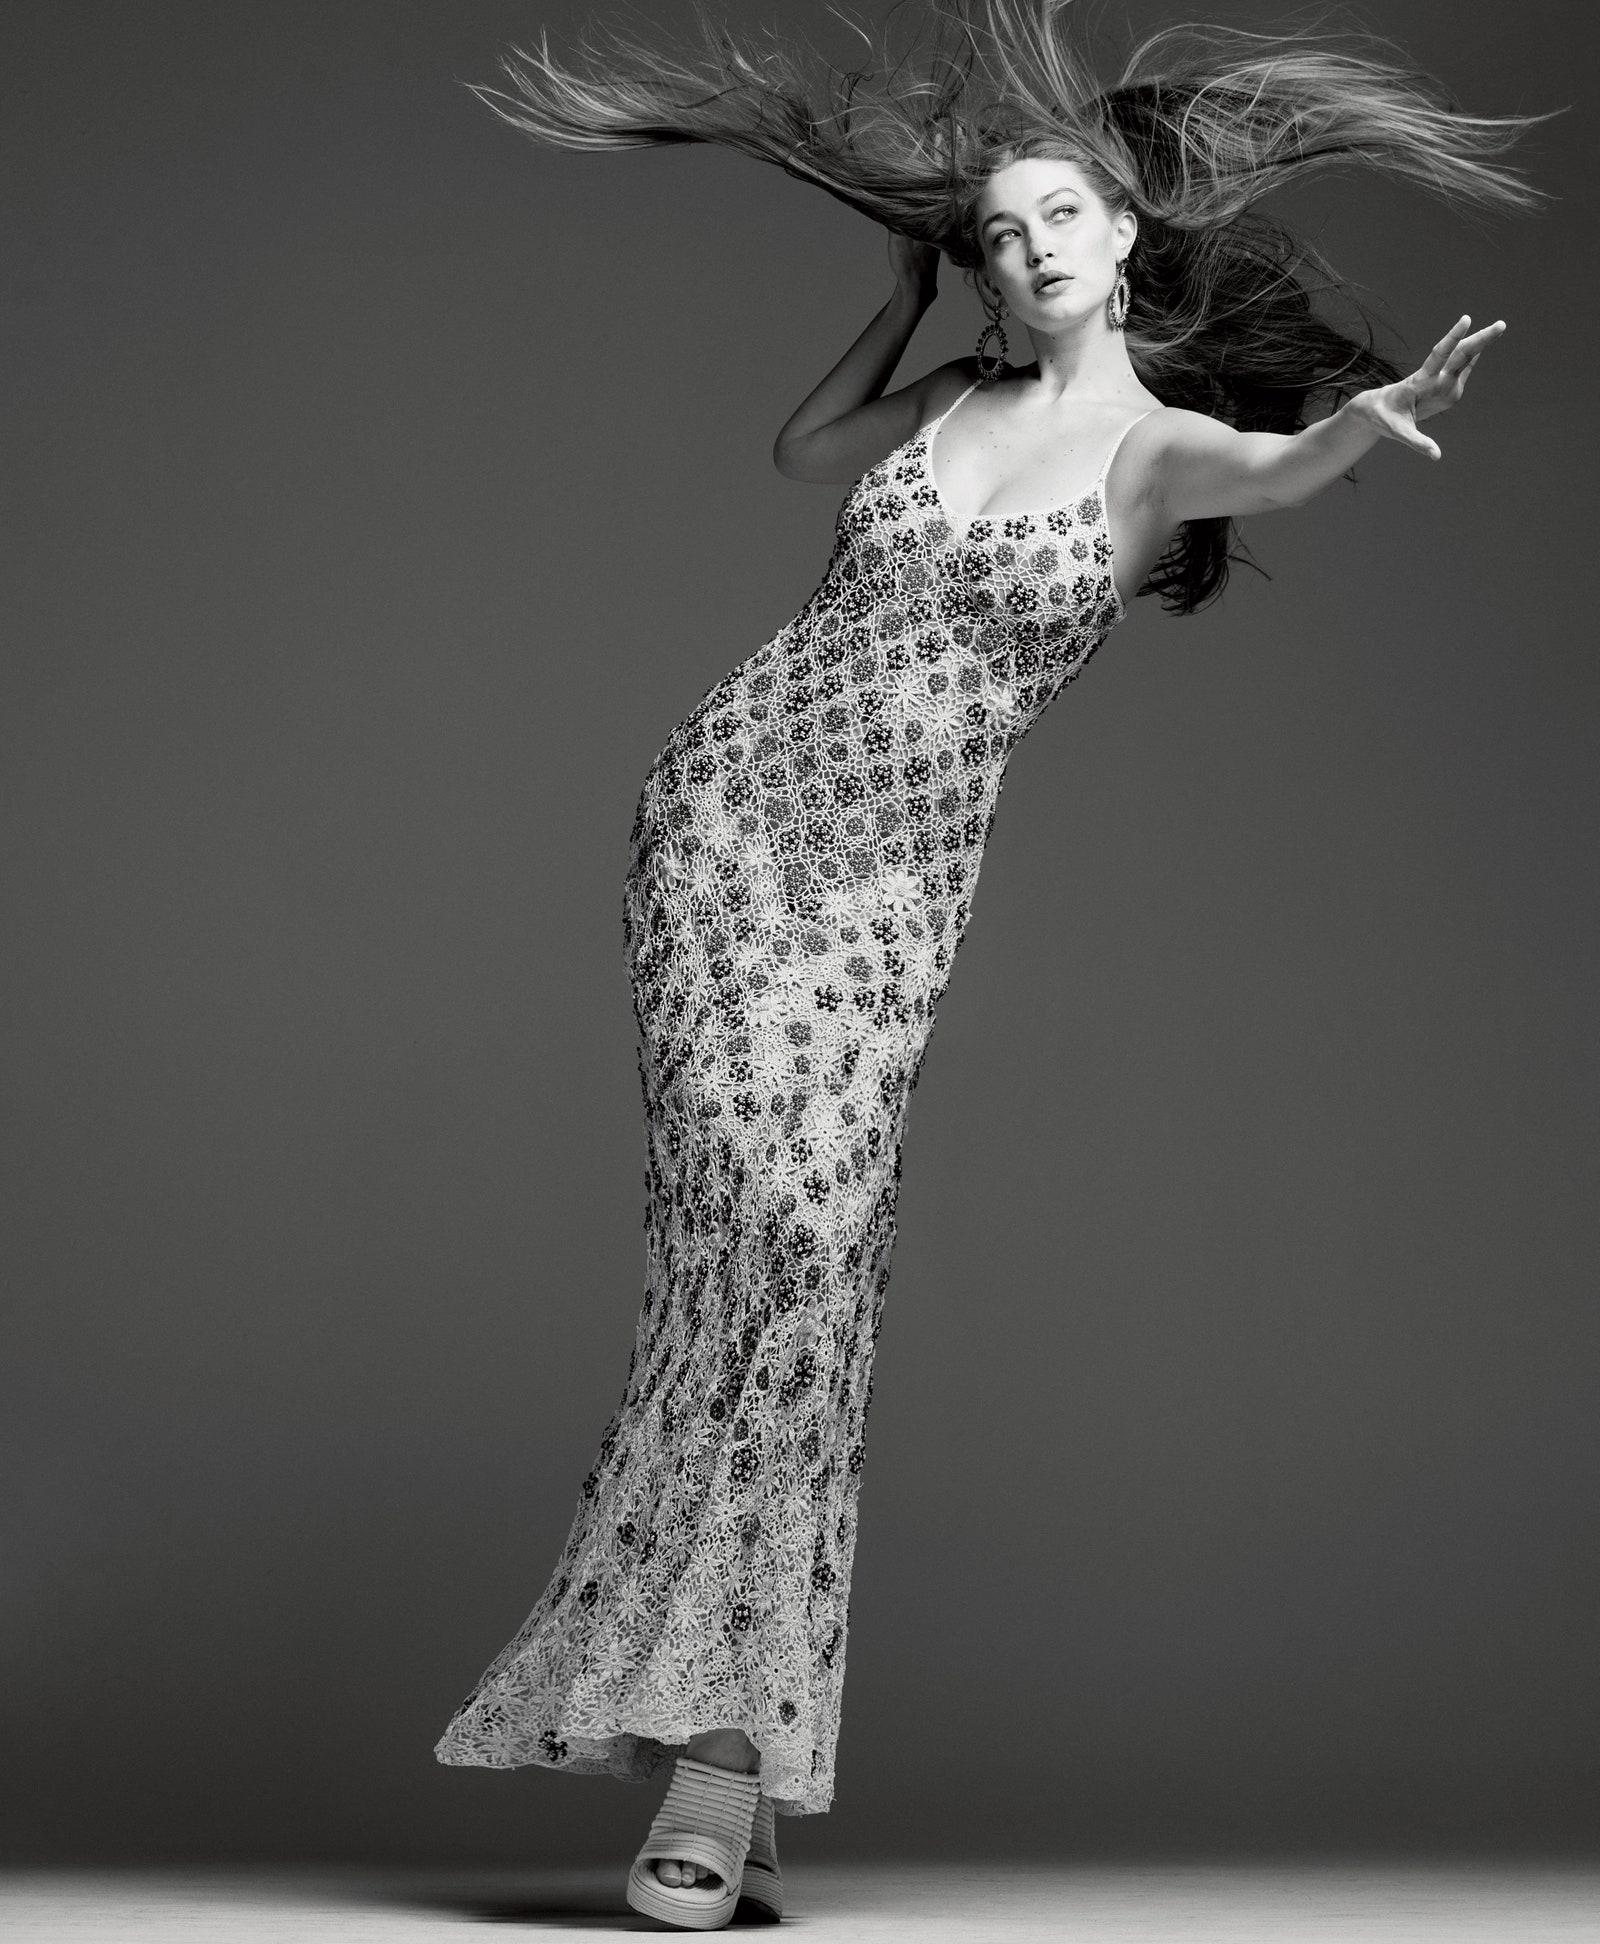 Джиджи Хадид впервые появилась на обложке Vogue после рождения дочери (ФОТО) - фото №4